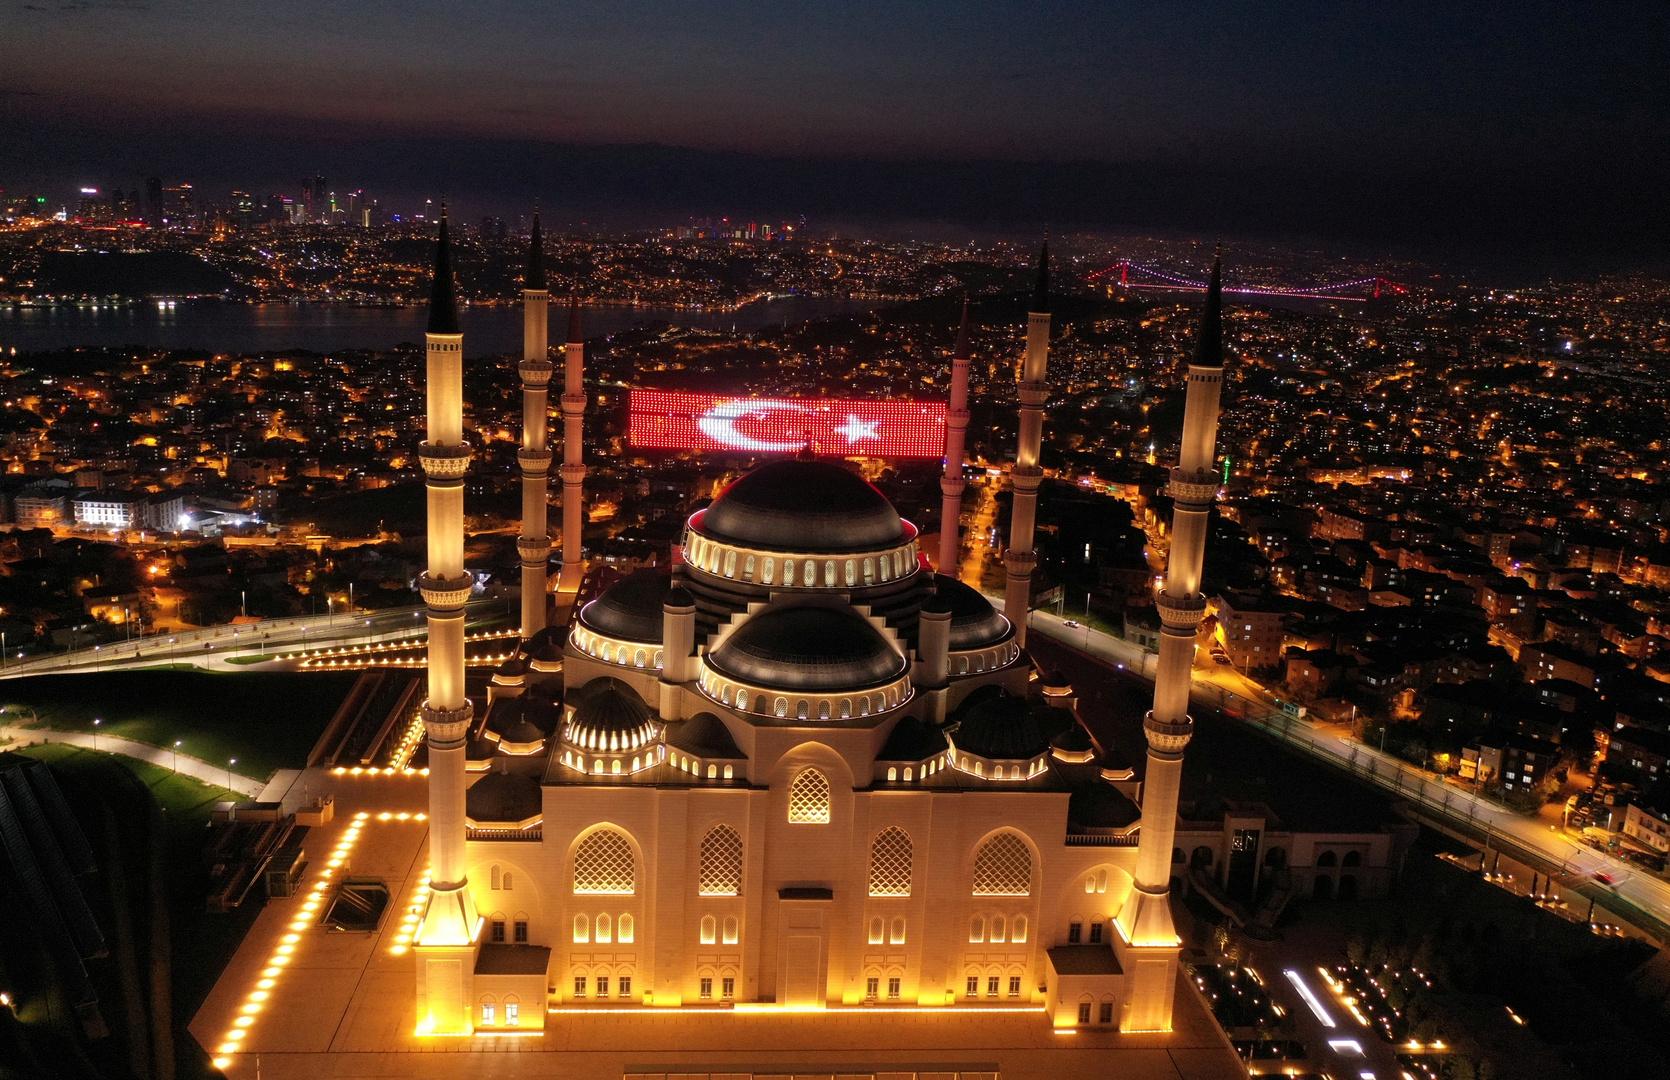 علم تركيا فوق مسجد في اسطنبول.